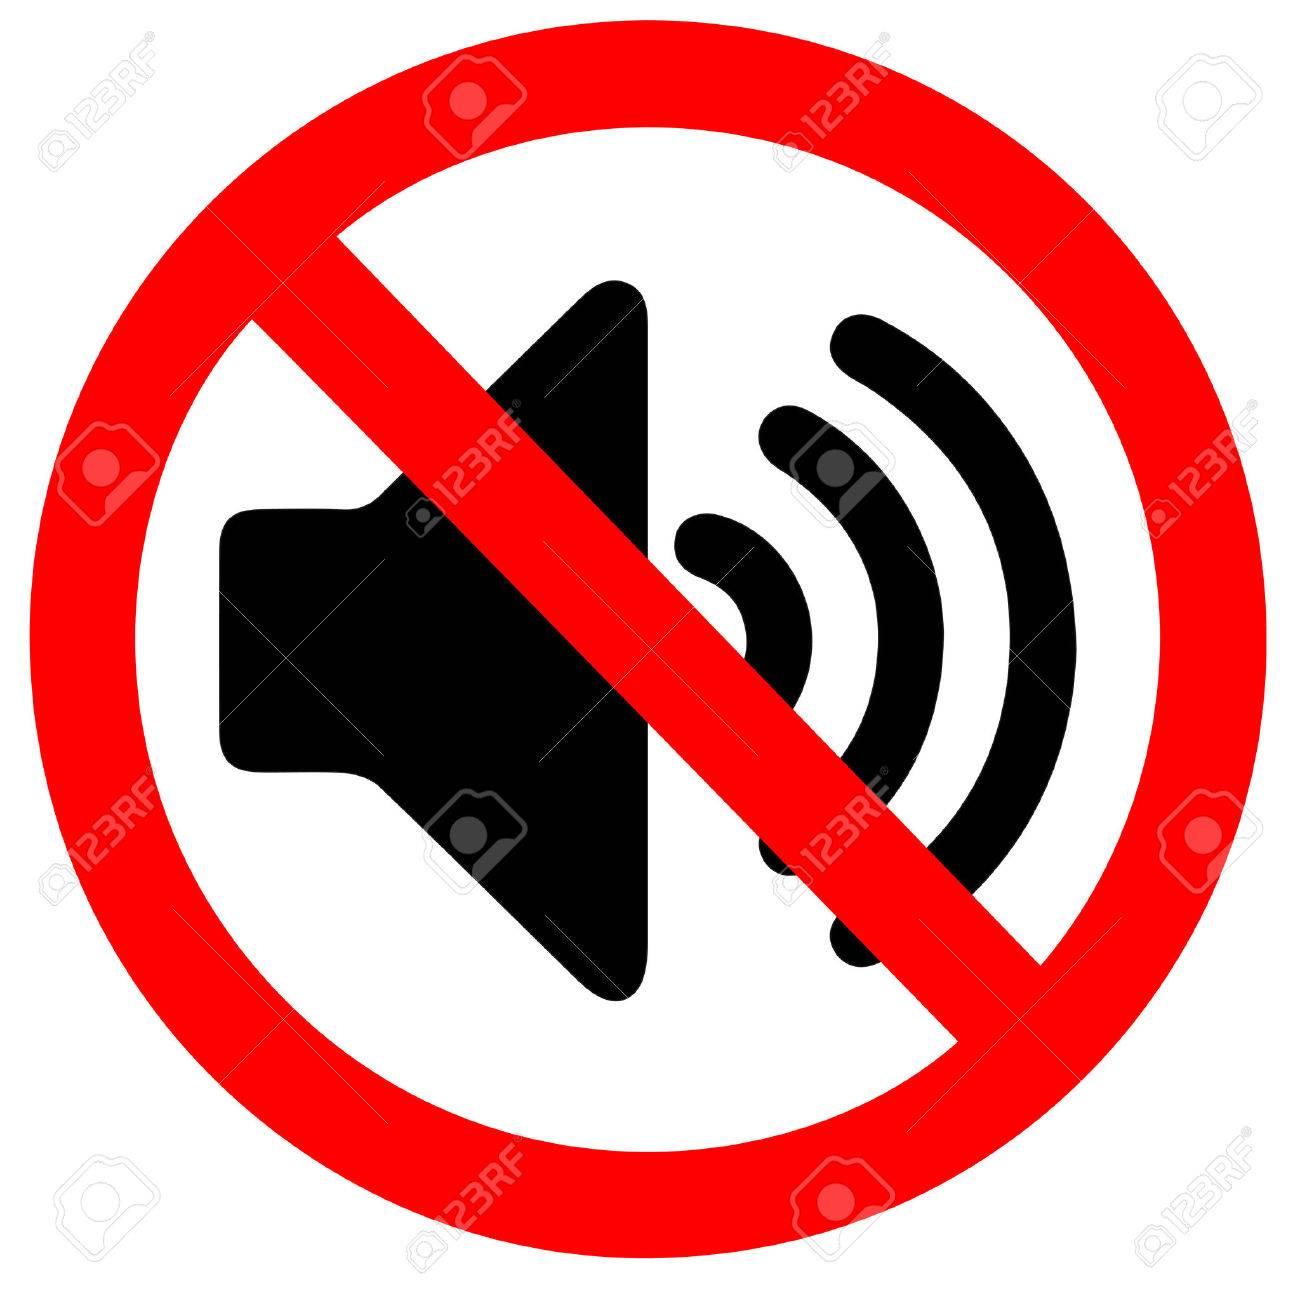 No sound sign - 30534117